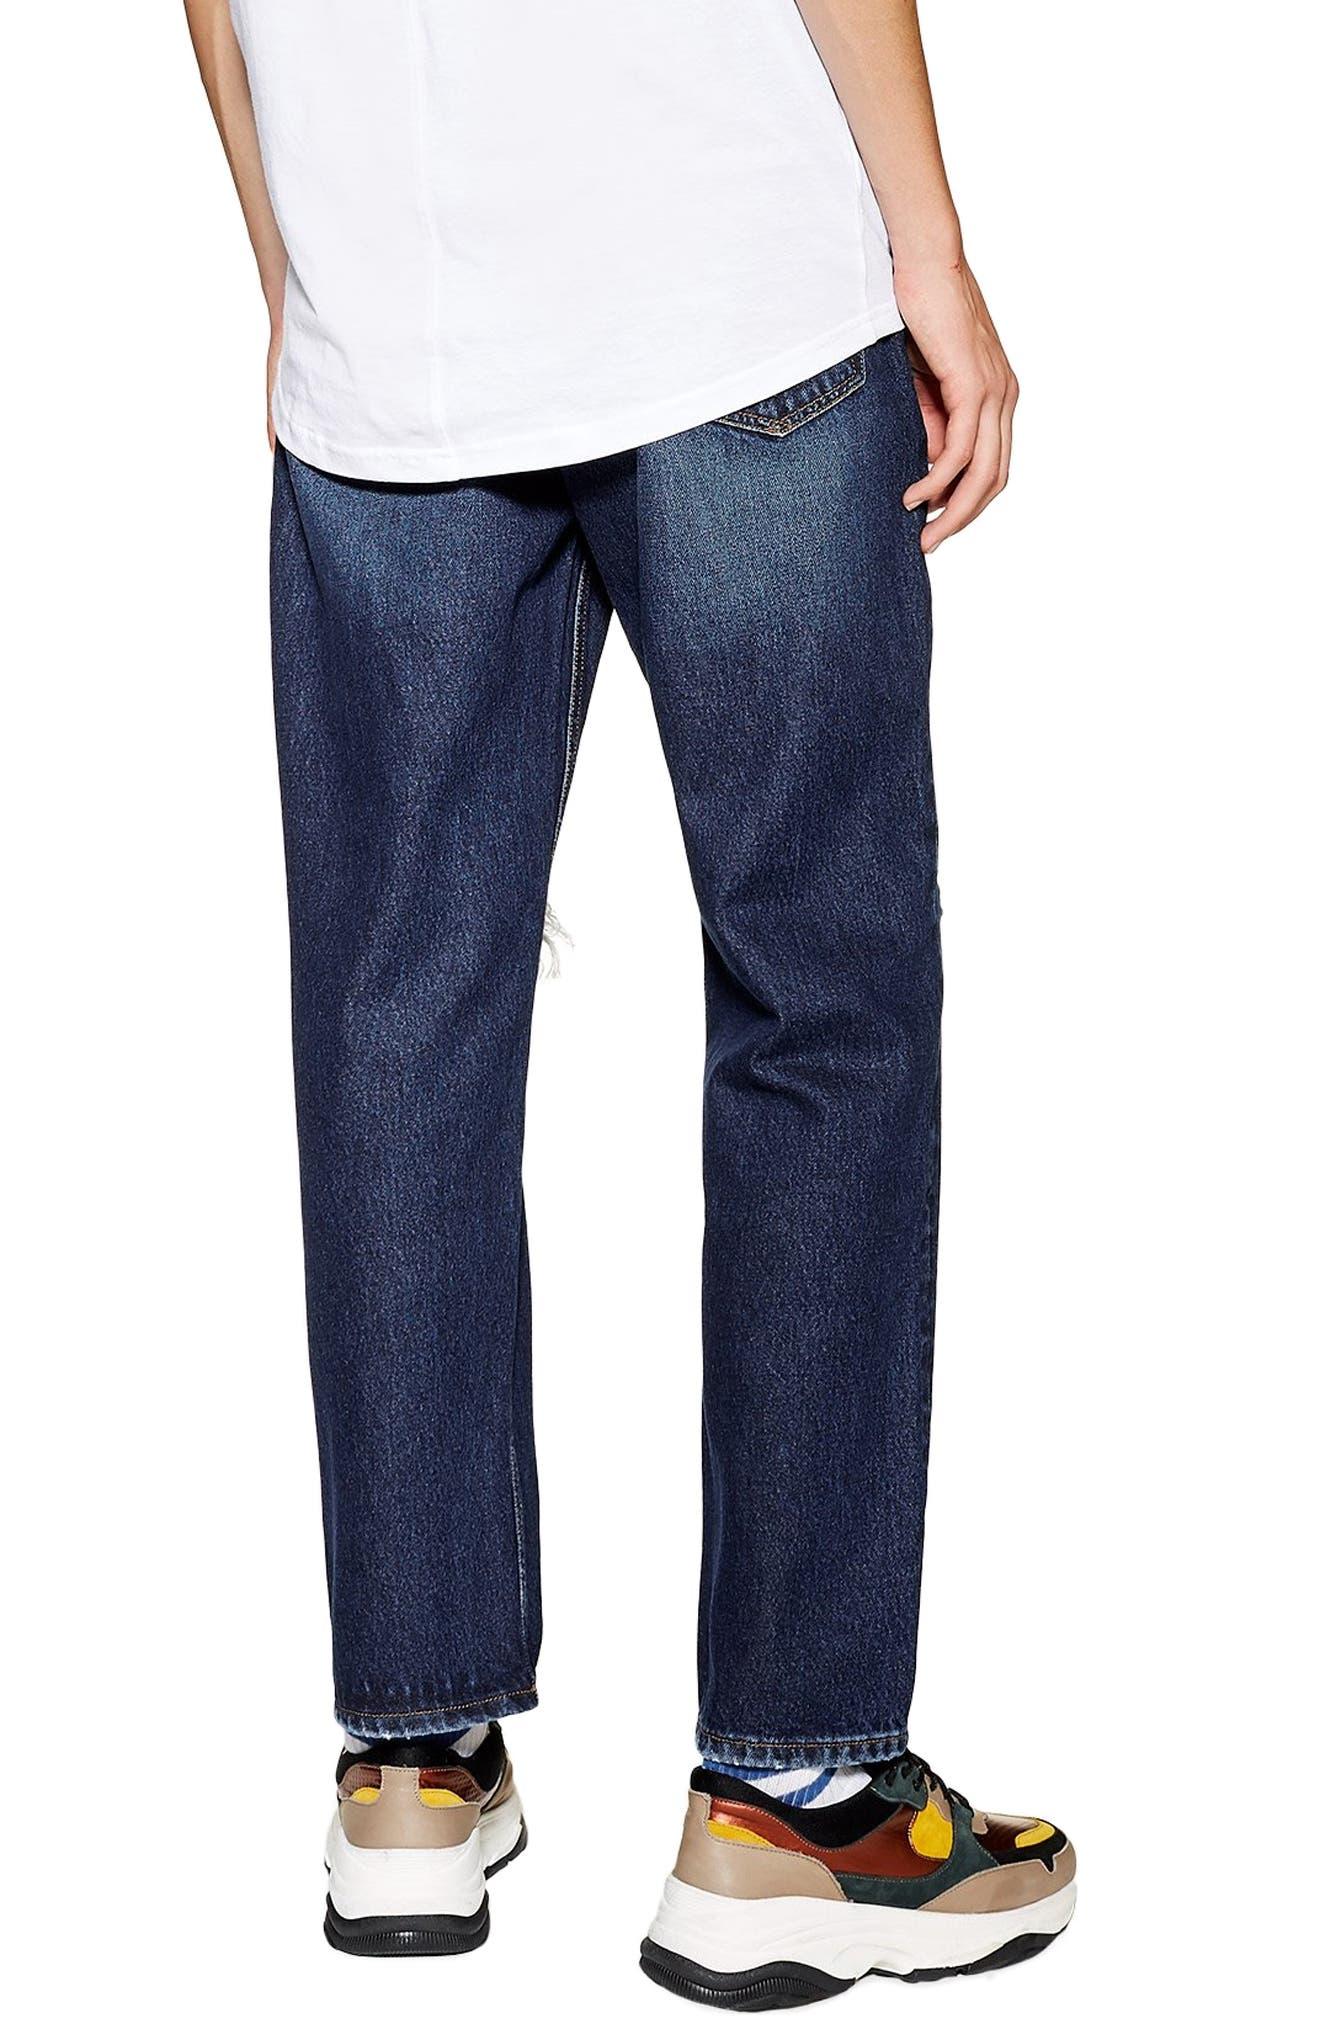 TOPMAN, Mikey Original Fit Jeans, Alternate thumbnail 2, color, 400